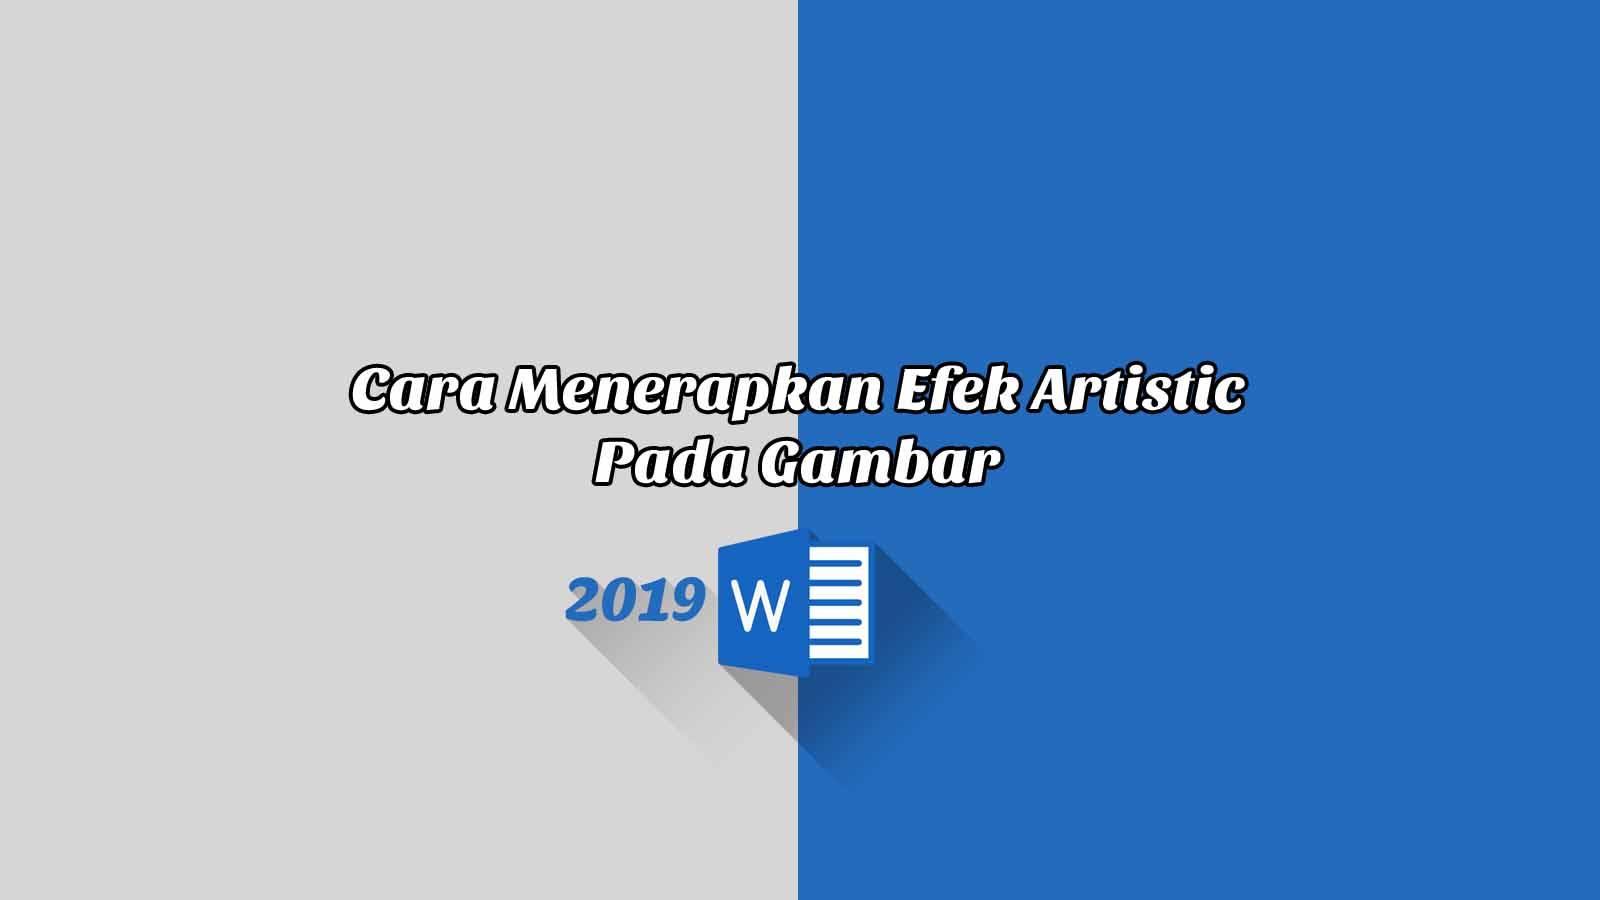 Cara Menerapkan Efek Artistic Pada Gambar - Word 2019